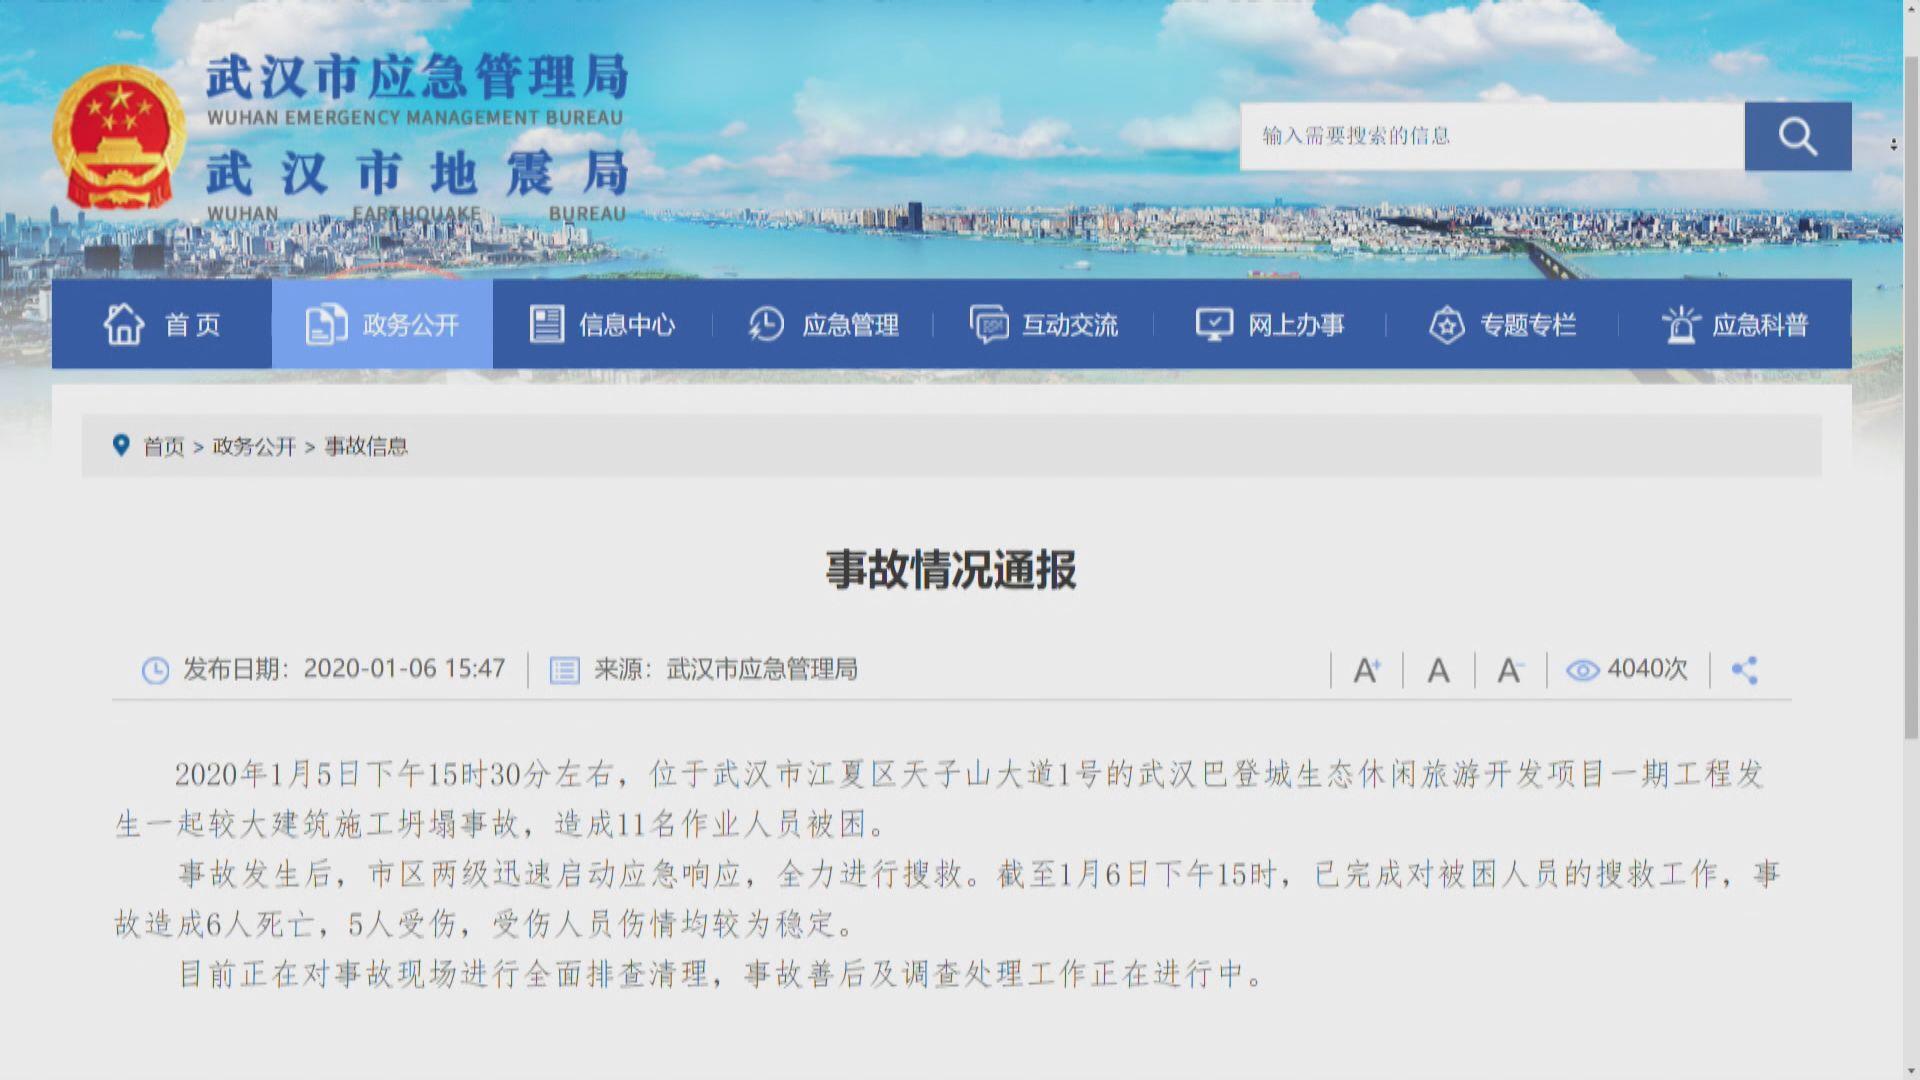 【致命事故】恒大武漢旅遊項目地盤倒塌 否認叫停在建項目